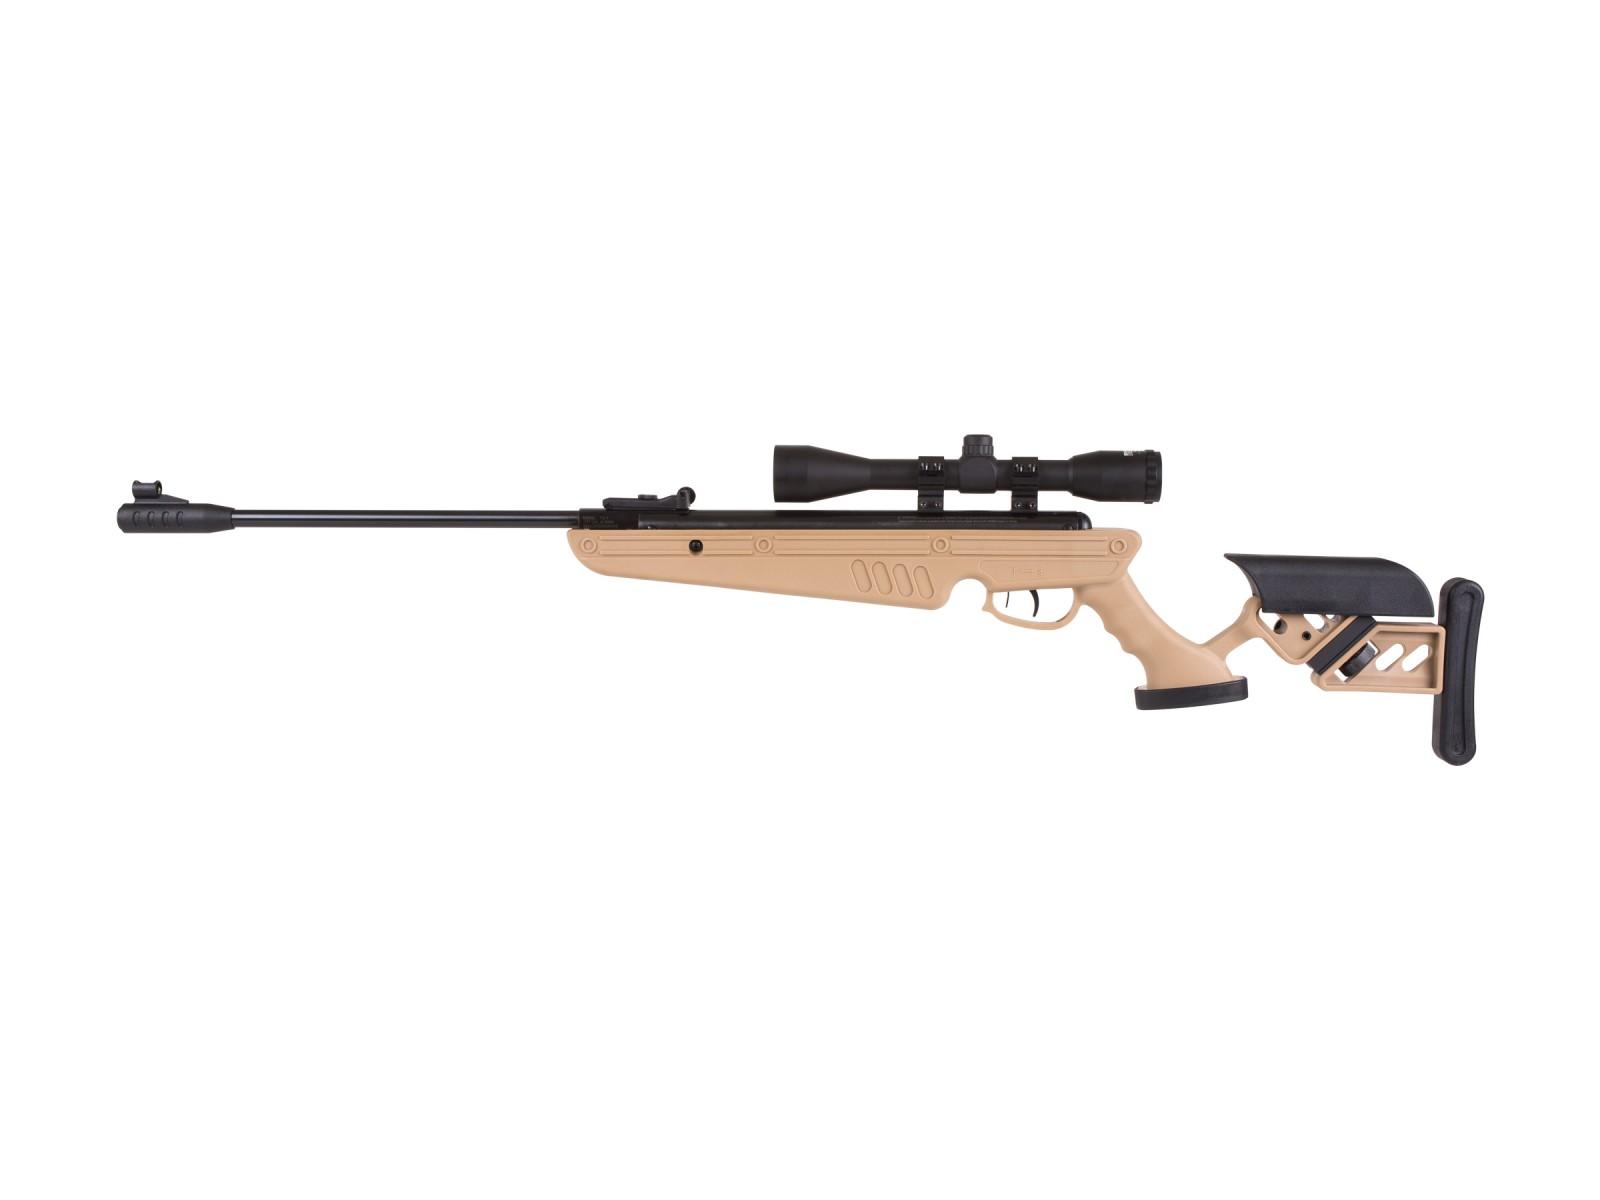 Cheap Swiss Arms TG-1 Air Rifle, Tan 0.177